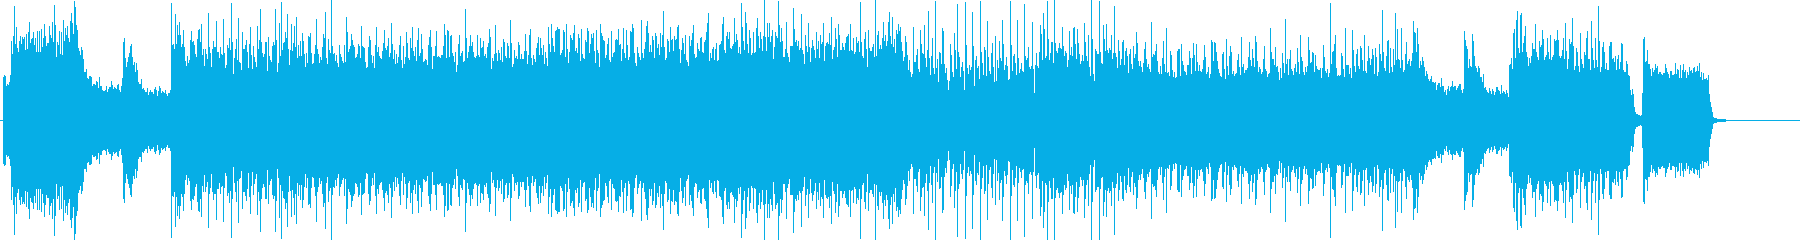 激しいギターソロのロックBGMの再生済みの波形